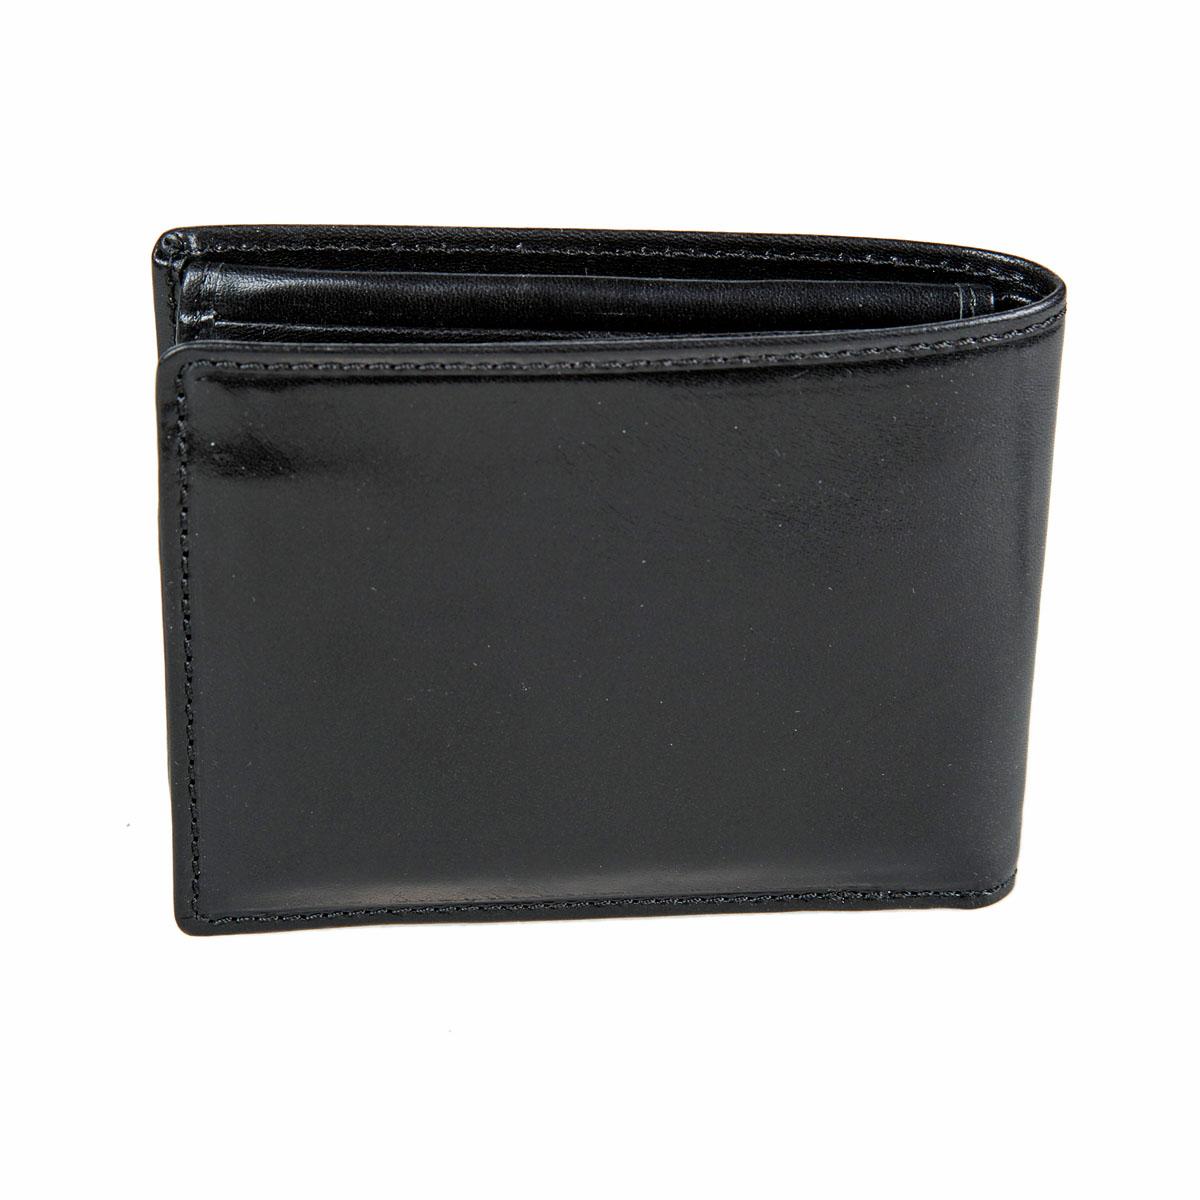 Портмоне мужское Gianni Conti, цвет: черный. 907022907022 blackСтильное мужское портмоне Gianni Conti выполнено из натуральной кожи. Лицевая сторона оформлена тиснением в виде названия бренда производителя. Изделие раскладывается пополам. Внутри имеется два отделения для купюр, четыре потайных кармана, карман для мелочи на кнопке, три кармашка для визиток и пластиковых карт, два сетчатых кармана и карман для документов. Портмоне упаковано в фирменную картонную коробку. Оригинальное портмоне подчеркнет вашу индивидуальность и изысканный вкус, а также станет замечательным подарком человеку, ценящему качественные и практичные вещи.